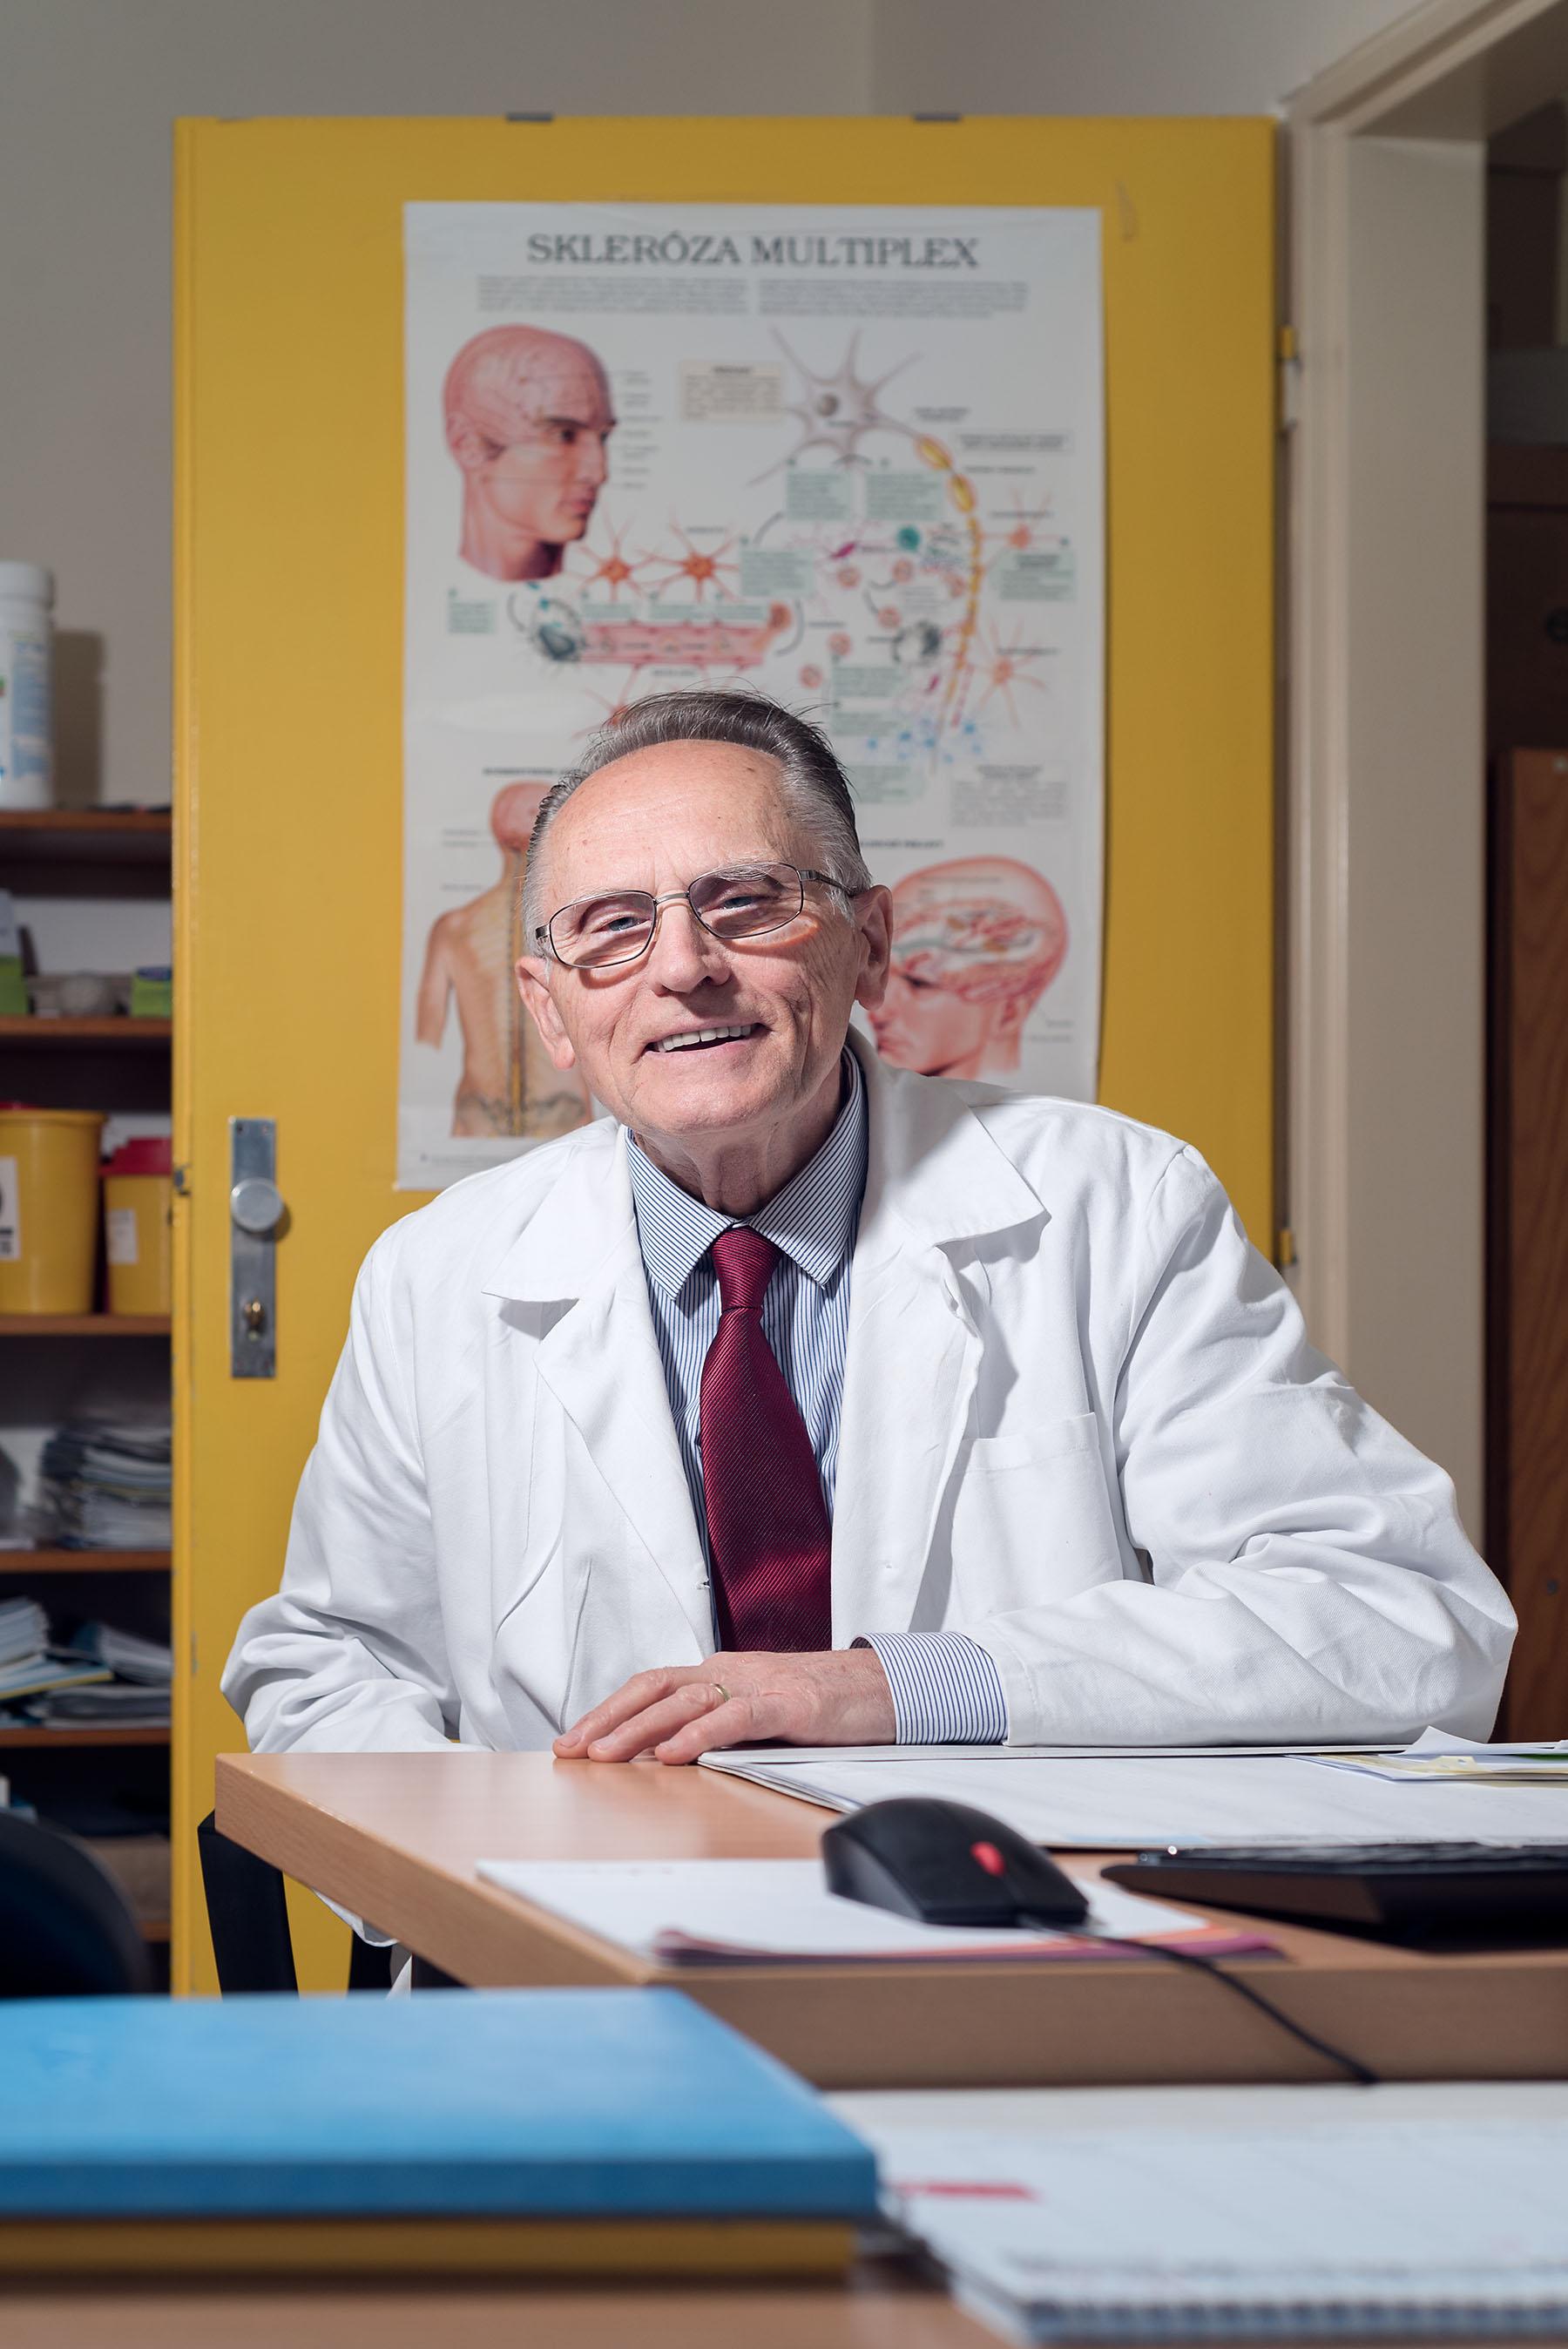 Pracovný portrét lekára - portret, lekárska komora, fotoportret - eventovy fotograf